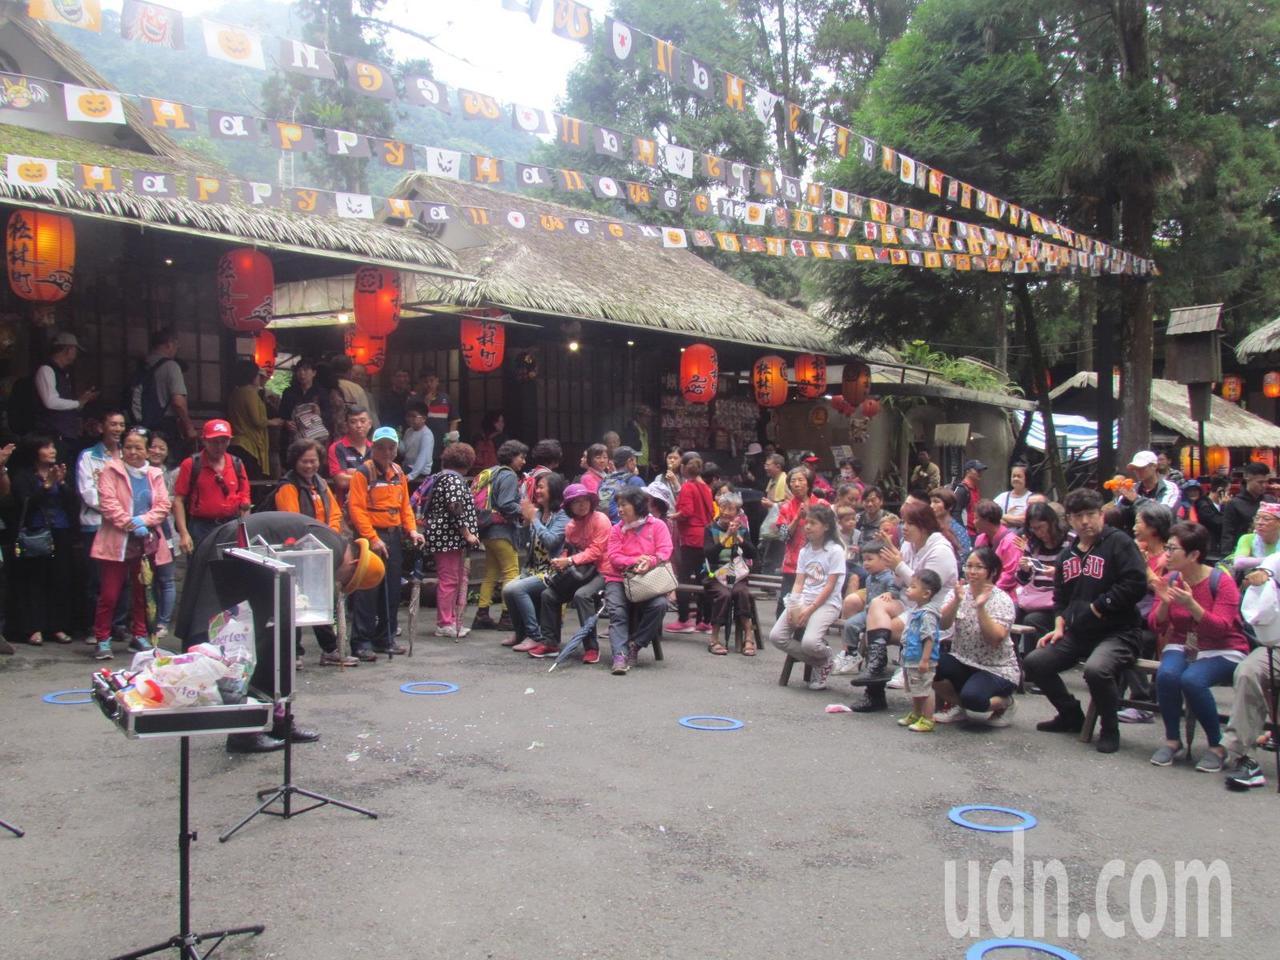 全國旅館盃餐旅服務競賽今天在溪頭妖怪村舉行,會場吸引大批遊客。記者張家樂/攝影